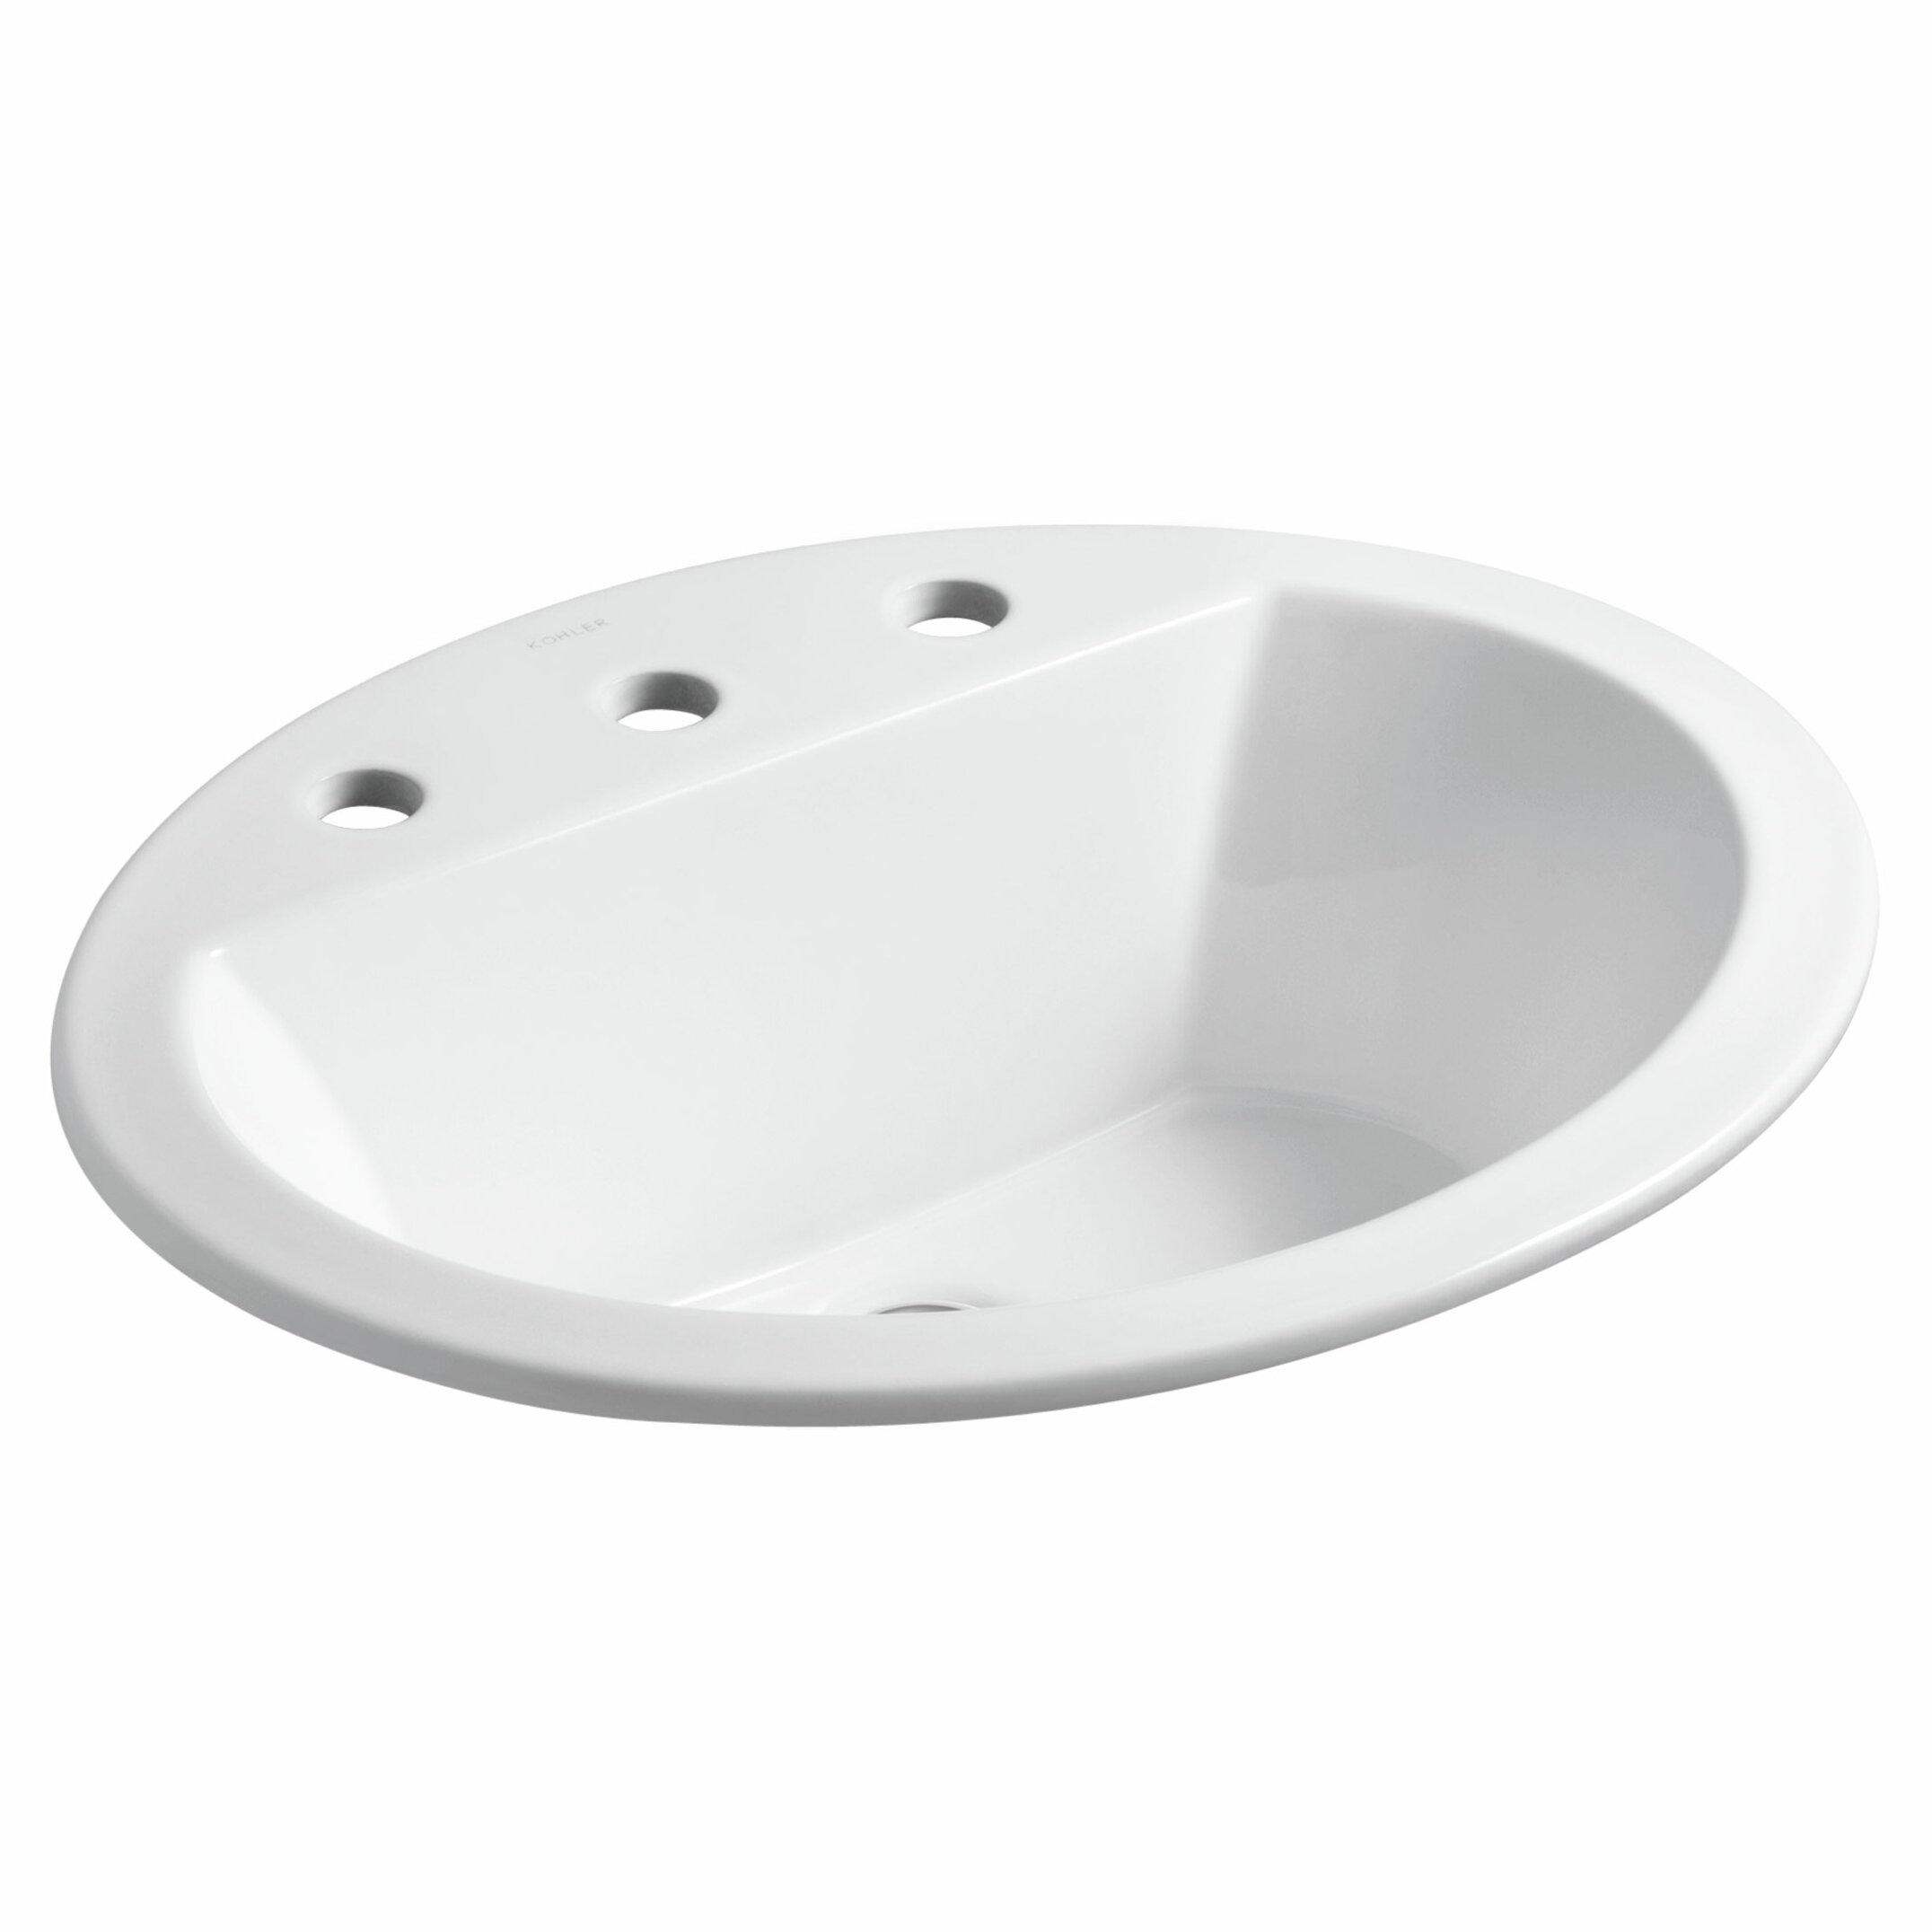 K 2699 8 0 33 95 Kohler Bryant Ceramic Oval Drop In Bathroom Sink With Overflow Reviews Wayfair